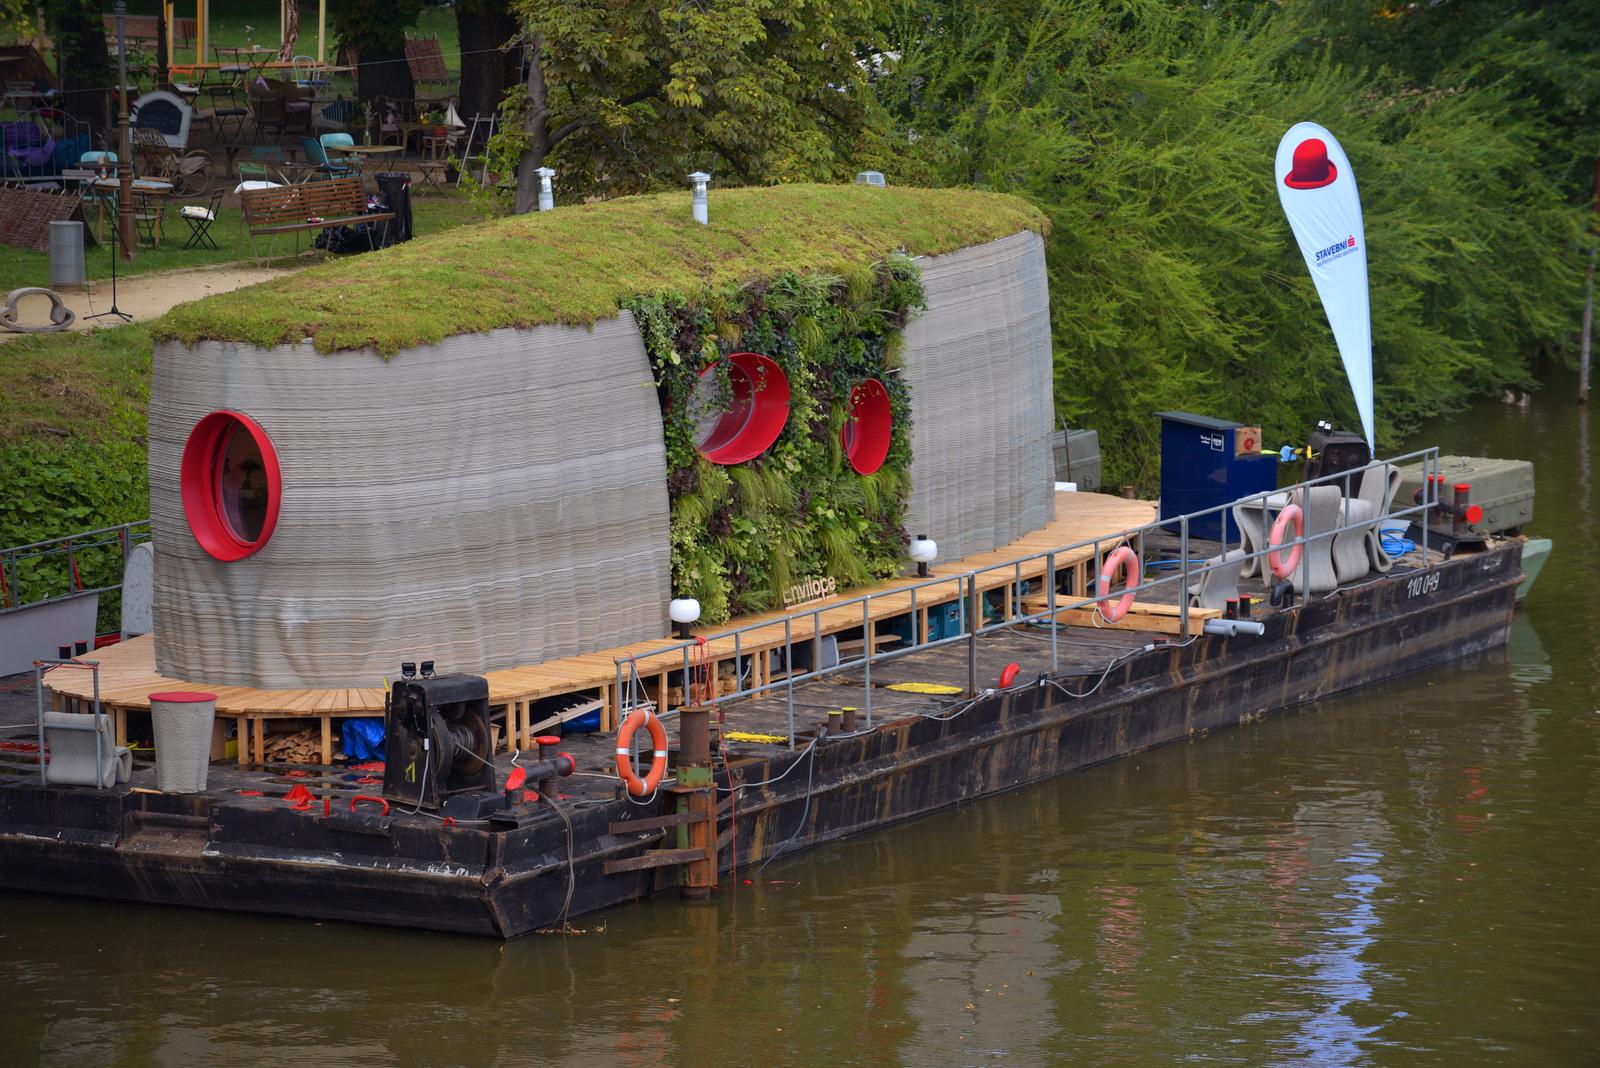 První plovoucí 3D tištěná stavba zakotvila na Vltavě v Praze. Foto: Stanislav Krupař, Václav Filip